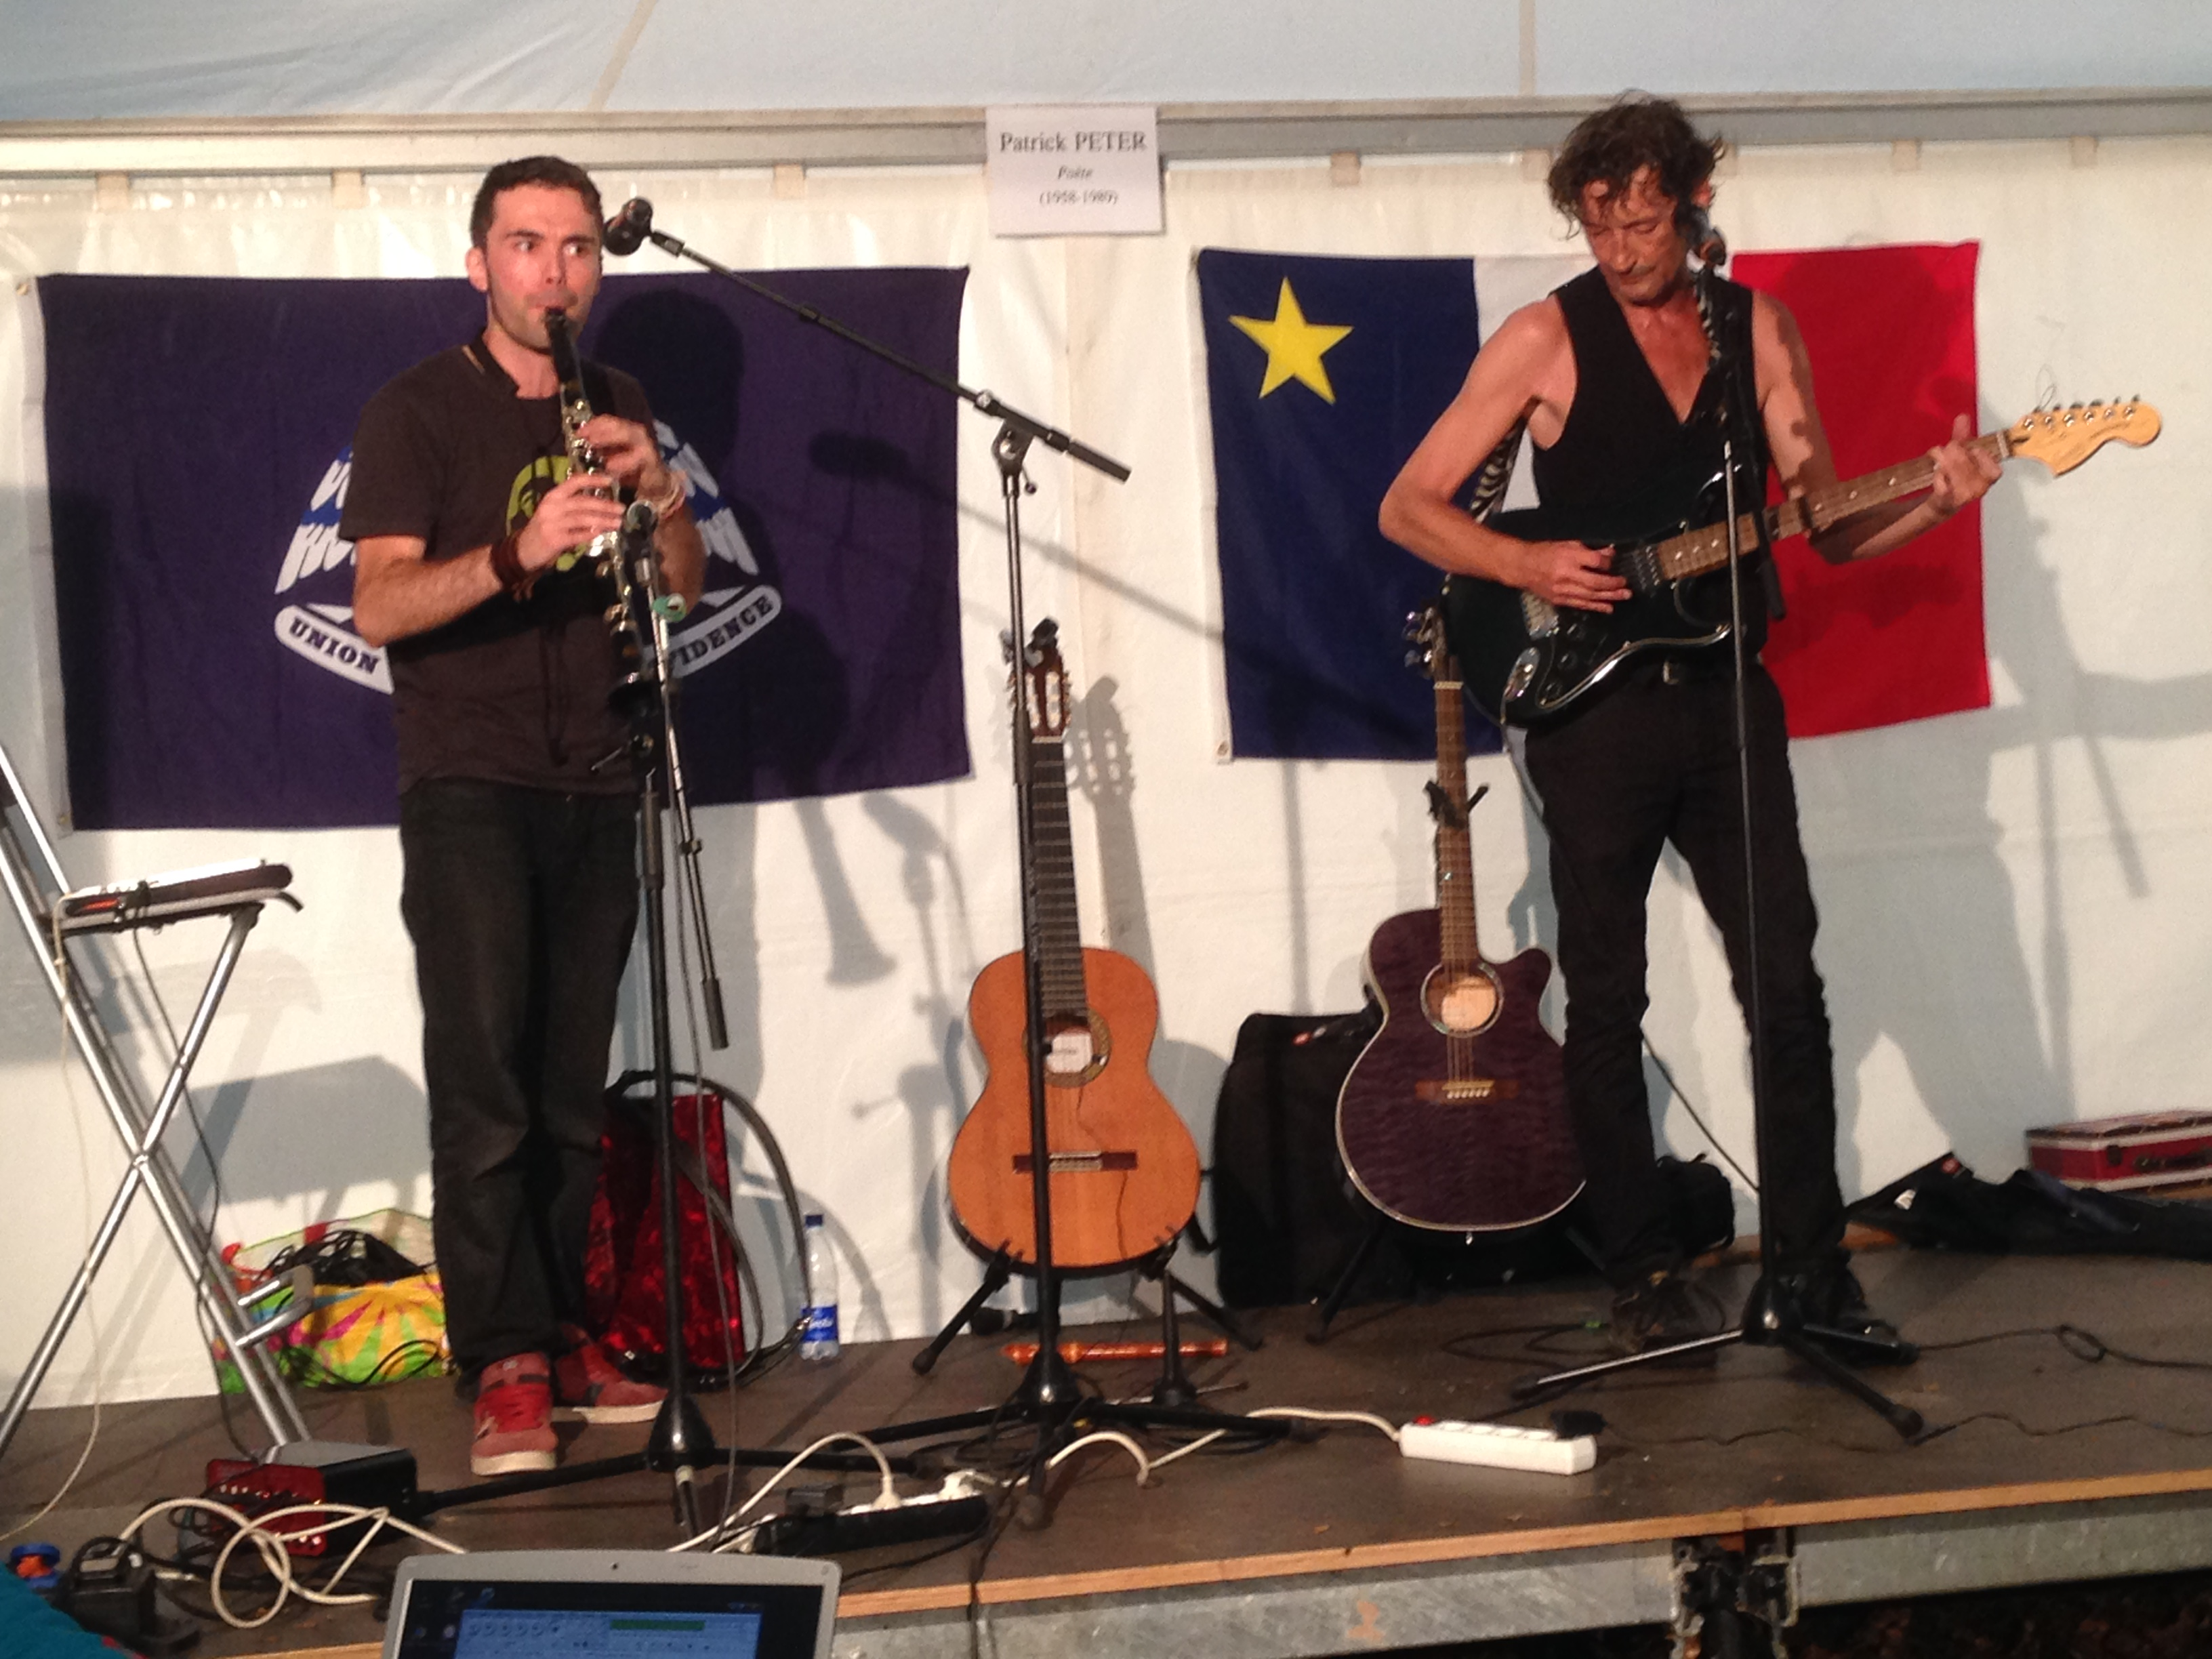 Vox Copuli à Summerlied 2016 Ohlungen